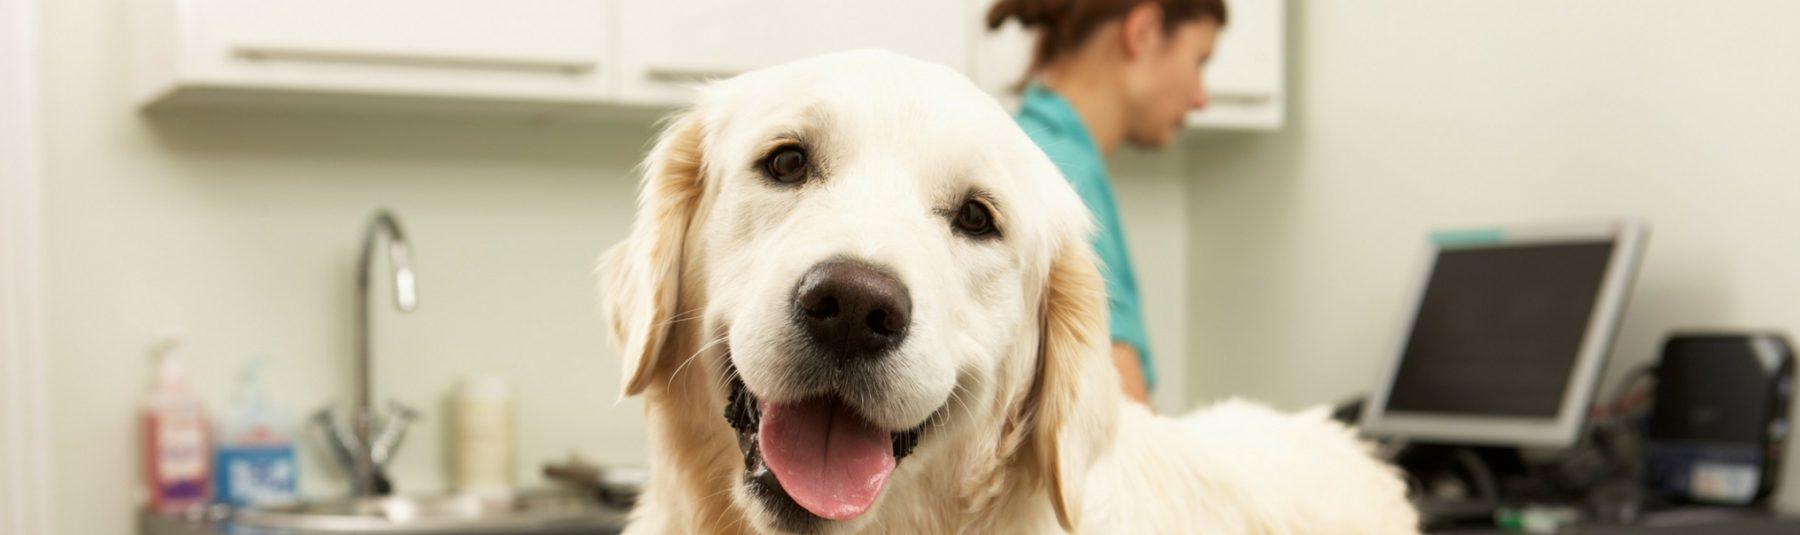 dog-clinic